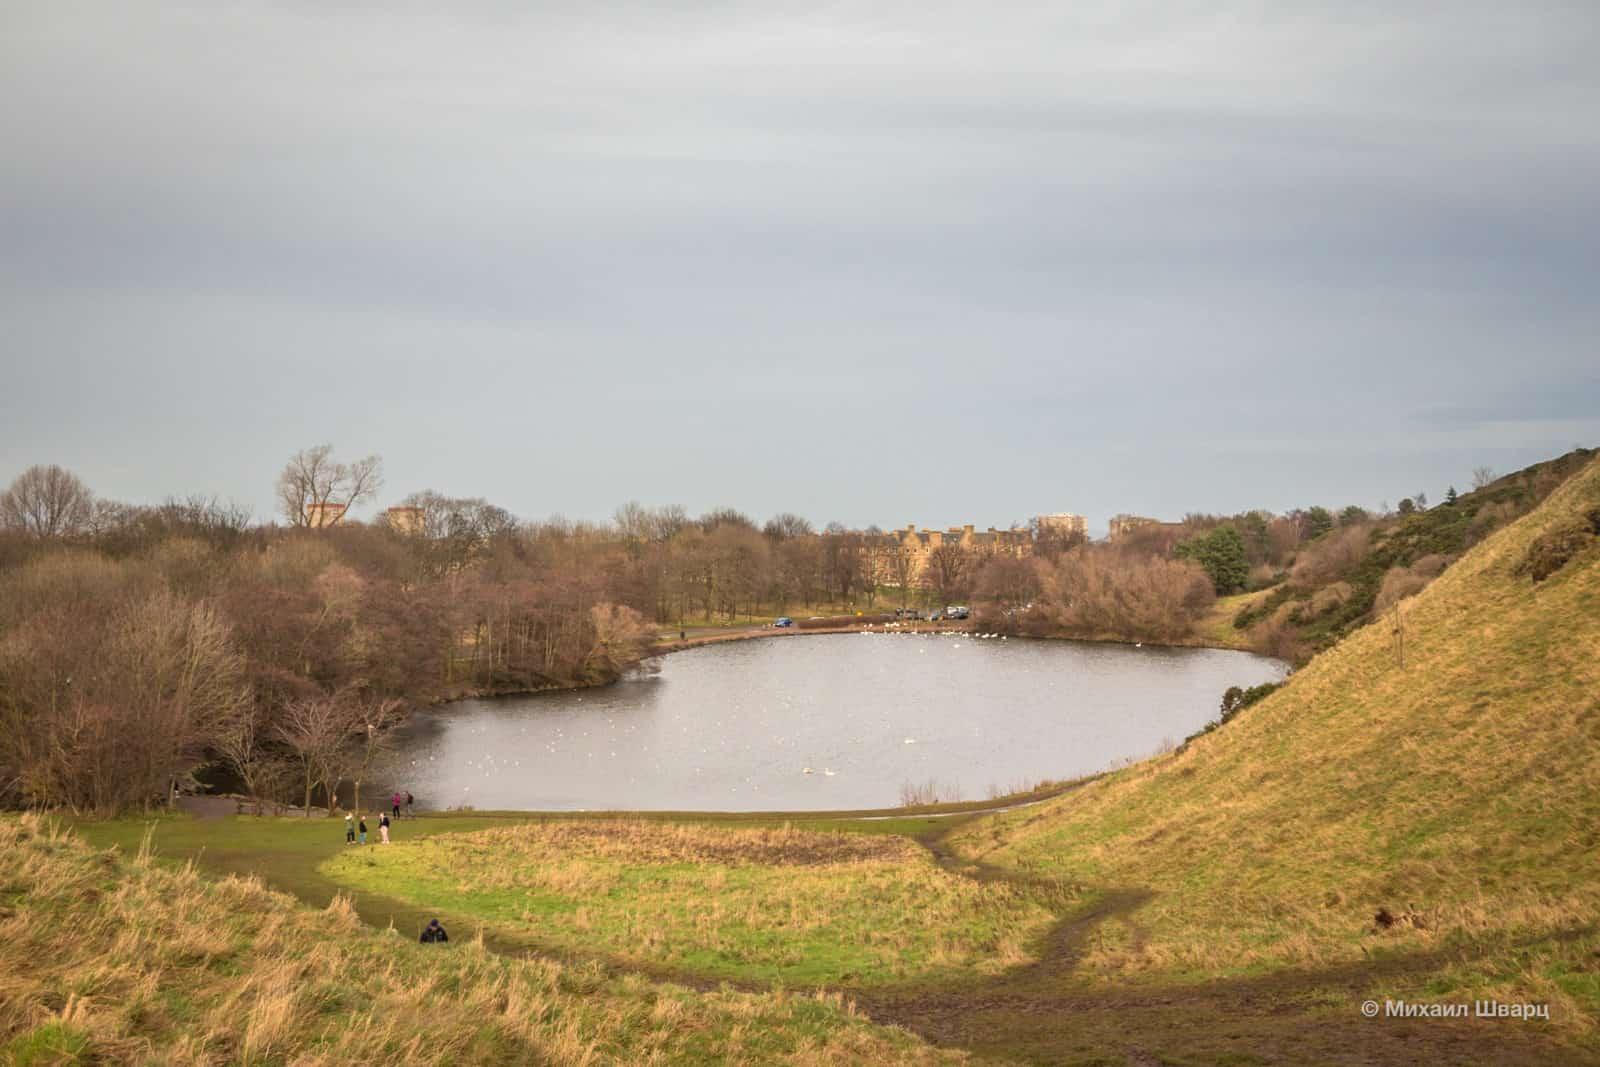 Озеро Святой Маргарет (Saint Margaret's Loch)